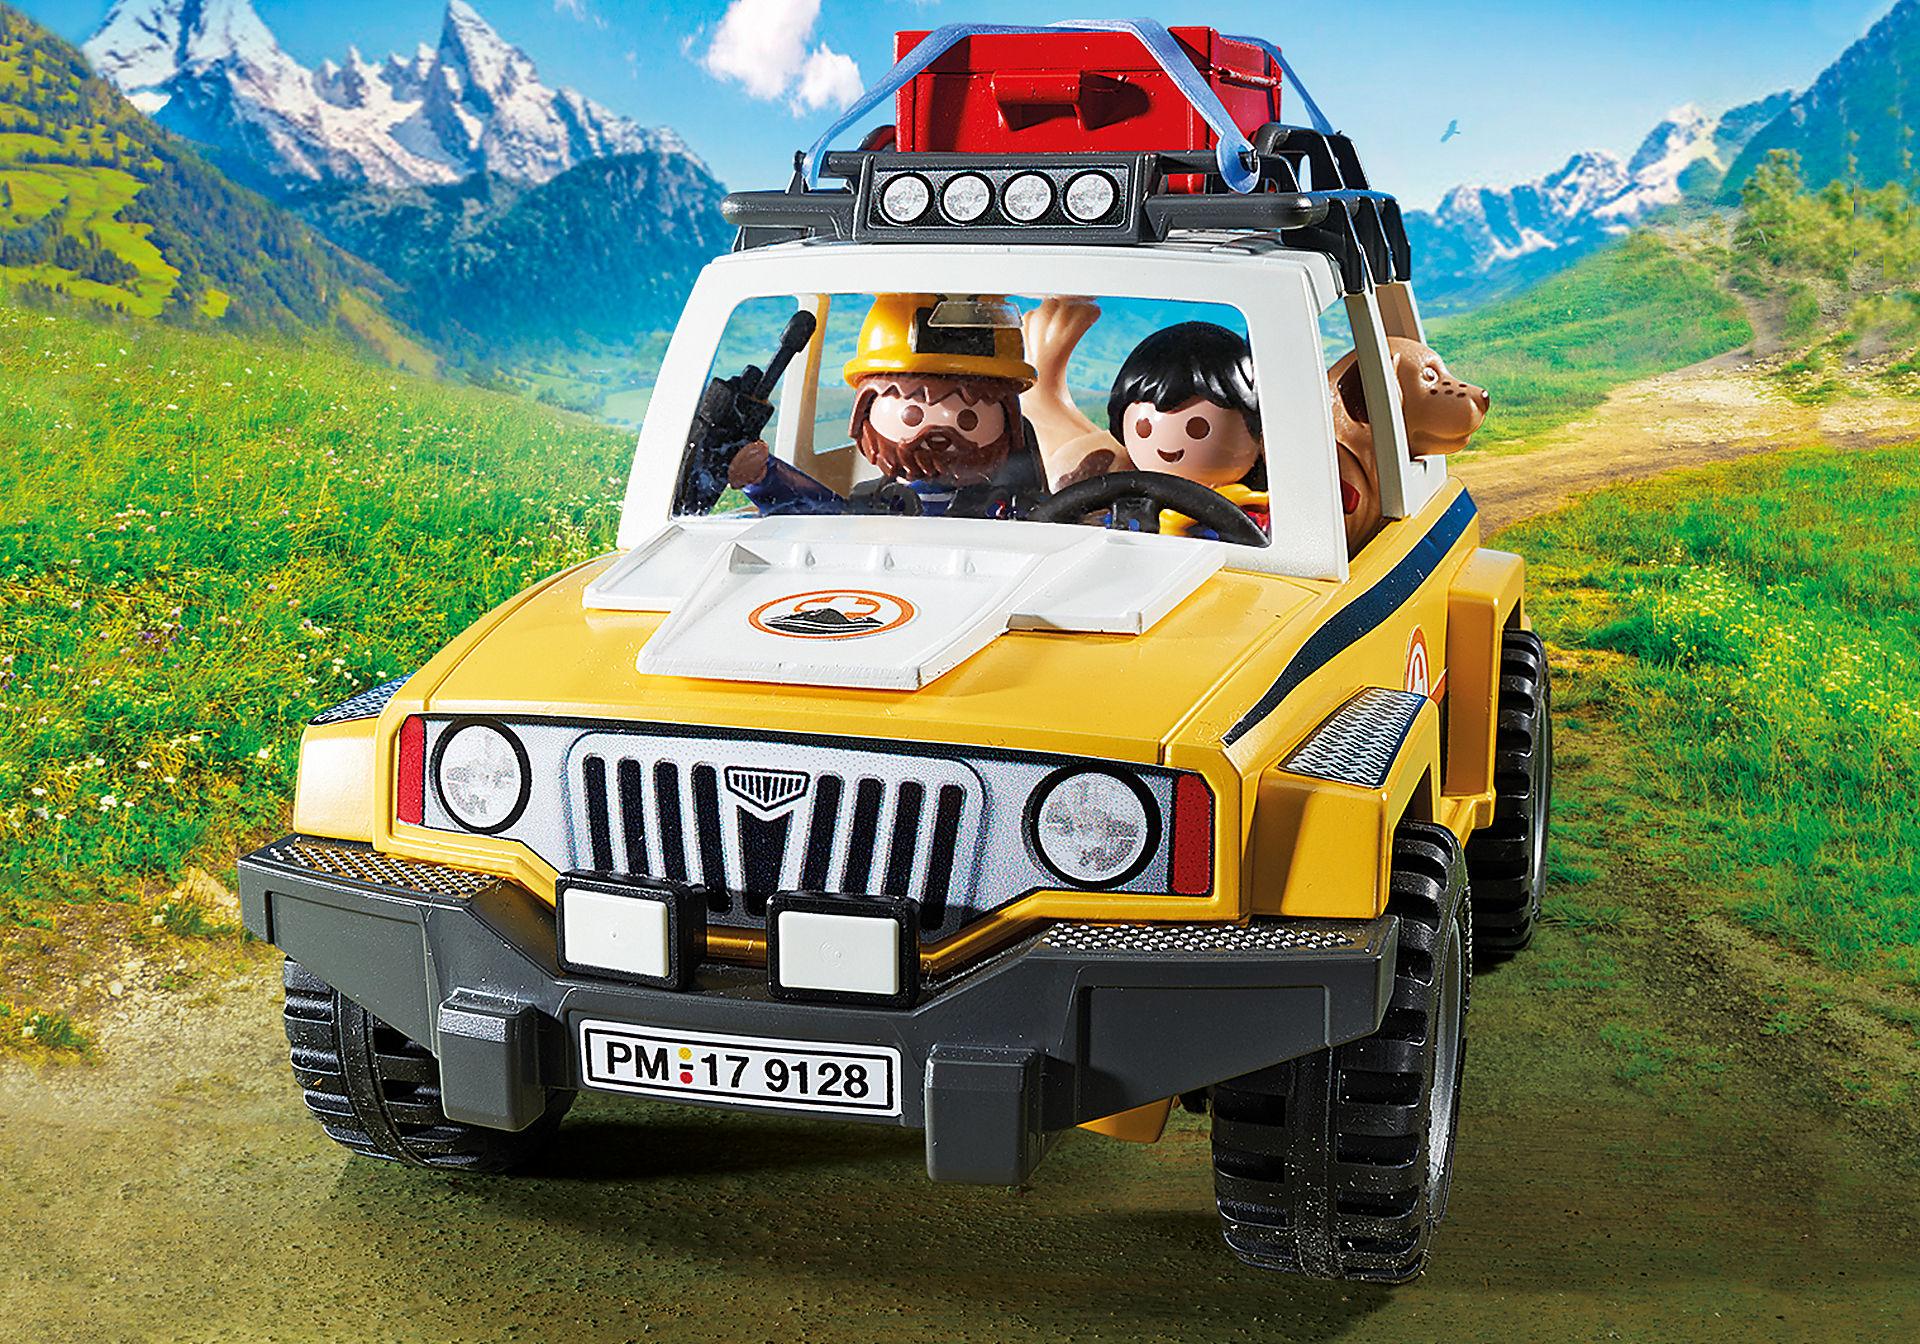 9128 Secouristes des montagnes avec véhicule  zoom image6